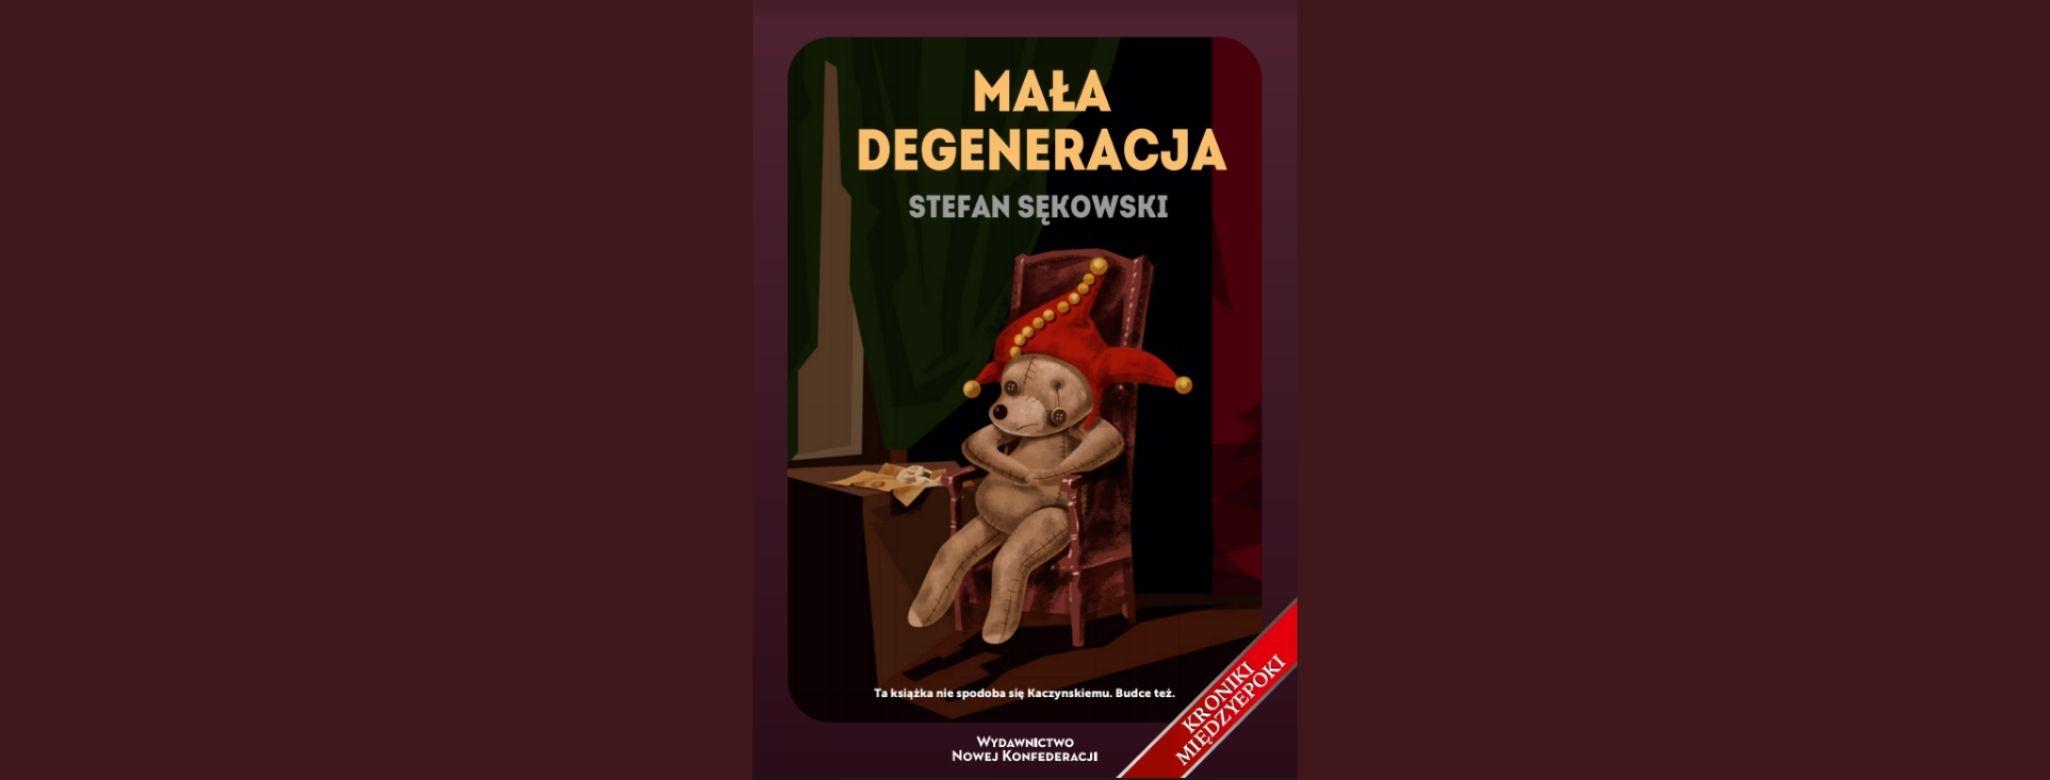 ksiazka-mala-degeneracja-sekowski